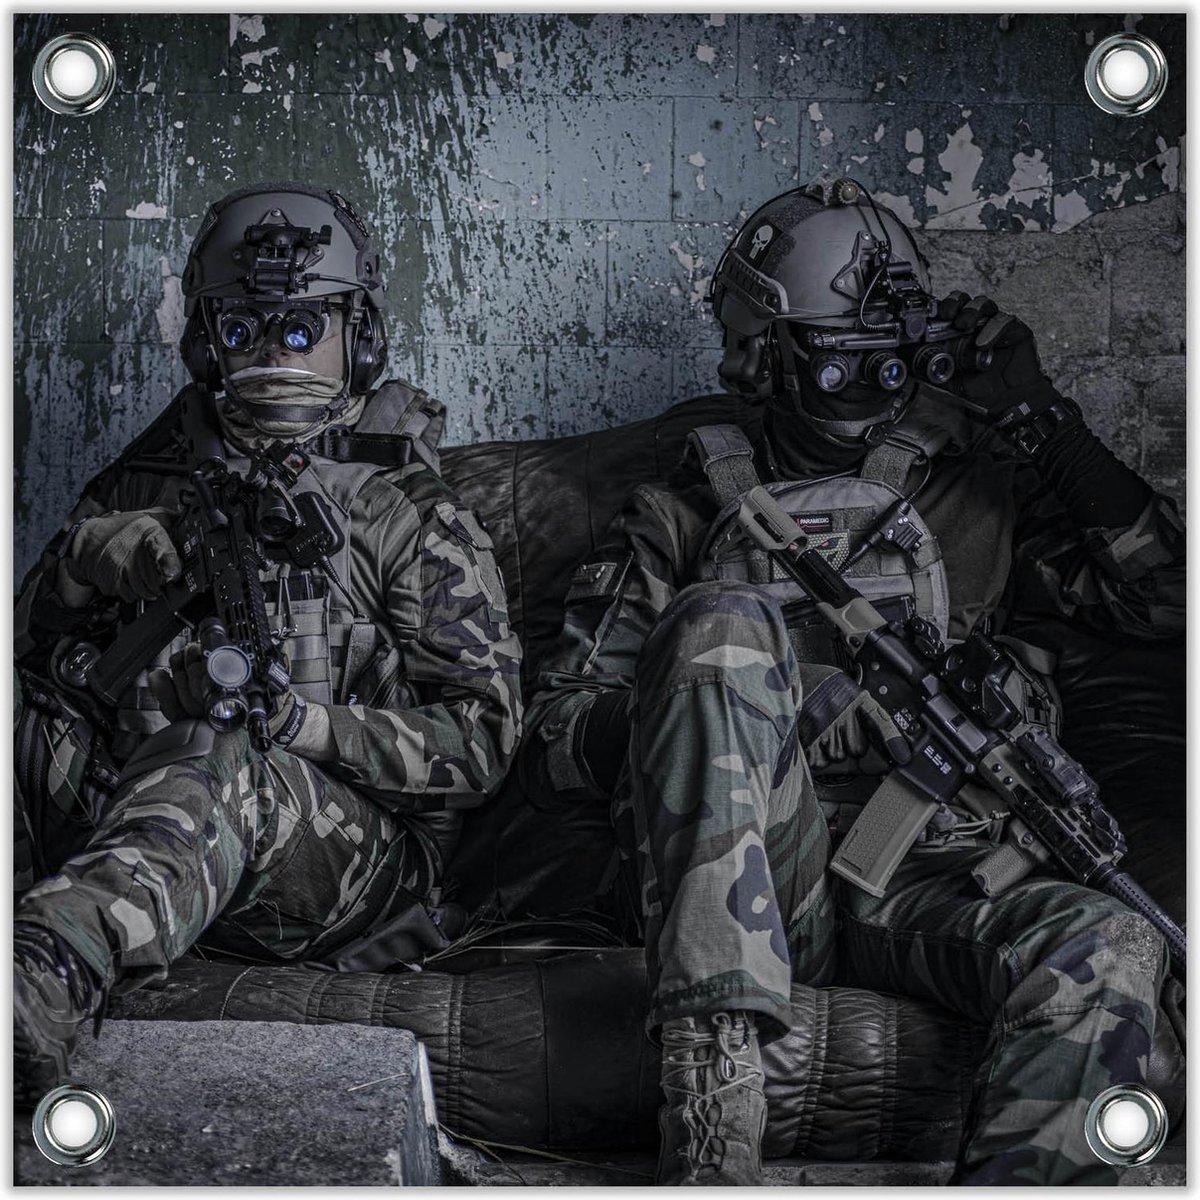 Tuinposter –Militairen in Donkere kelder– 100x100 Foto op Tuinposter (wanddecoratie voor buiten en binnen)